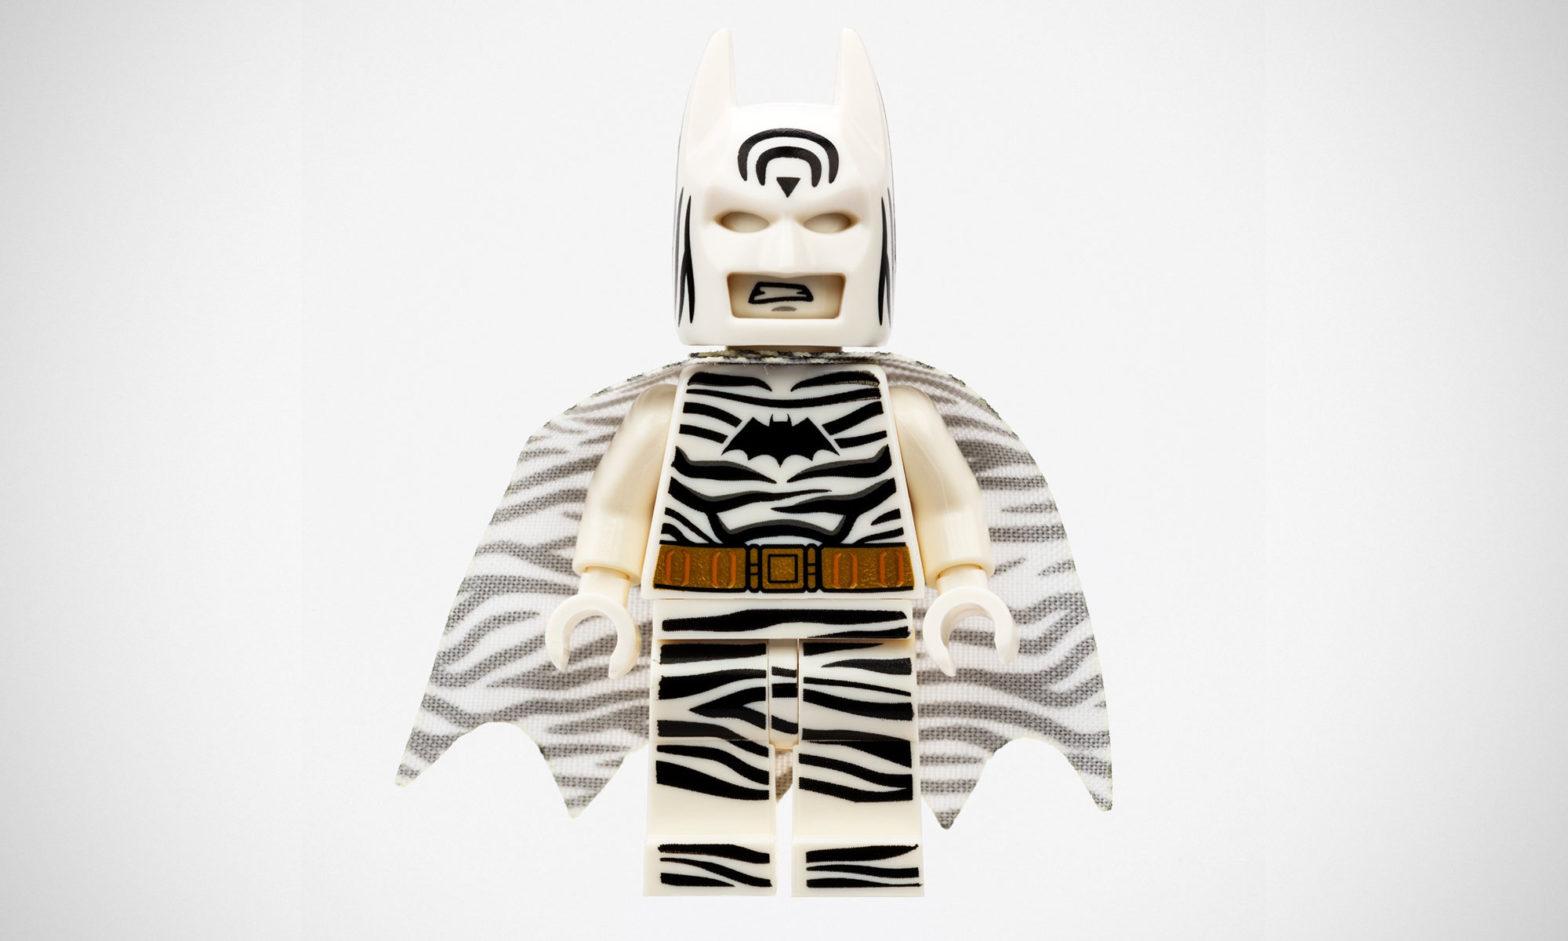 LEGO Zebra Batman Minifigure SDCC 2019